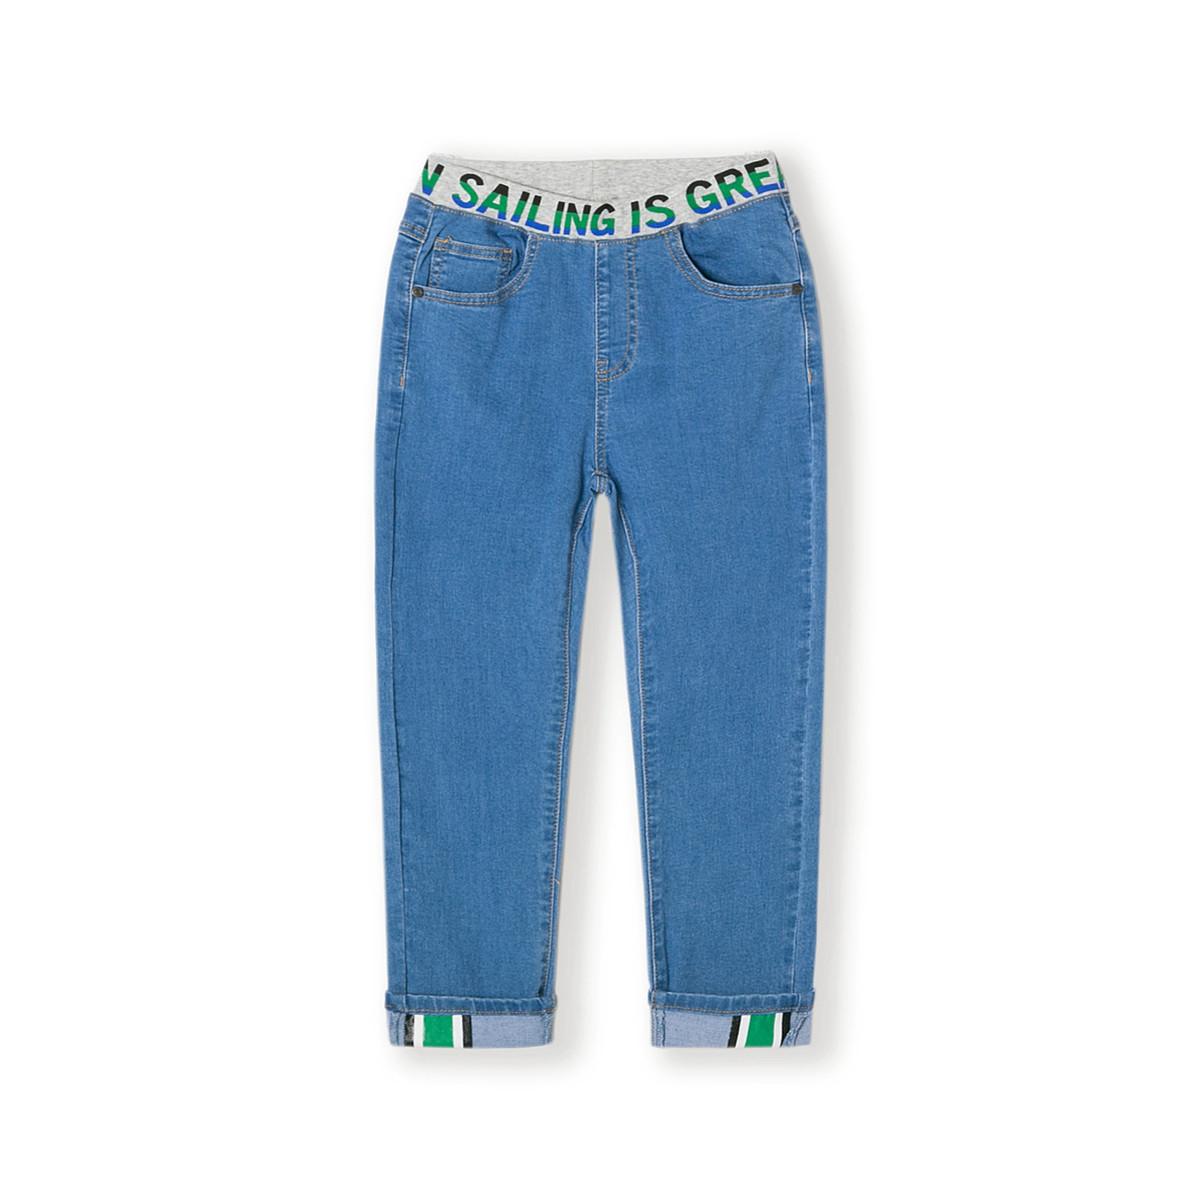 巴拉巴拉巴拉巴拉儿童长裤男童裤子2019新款春季中大童童装休闲牛仔裤220811814080820